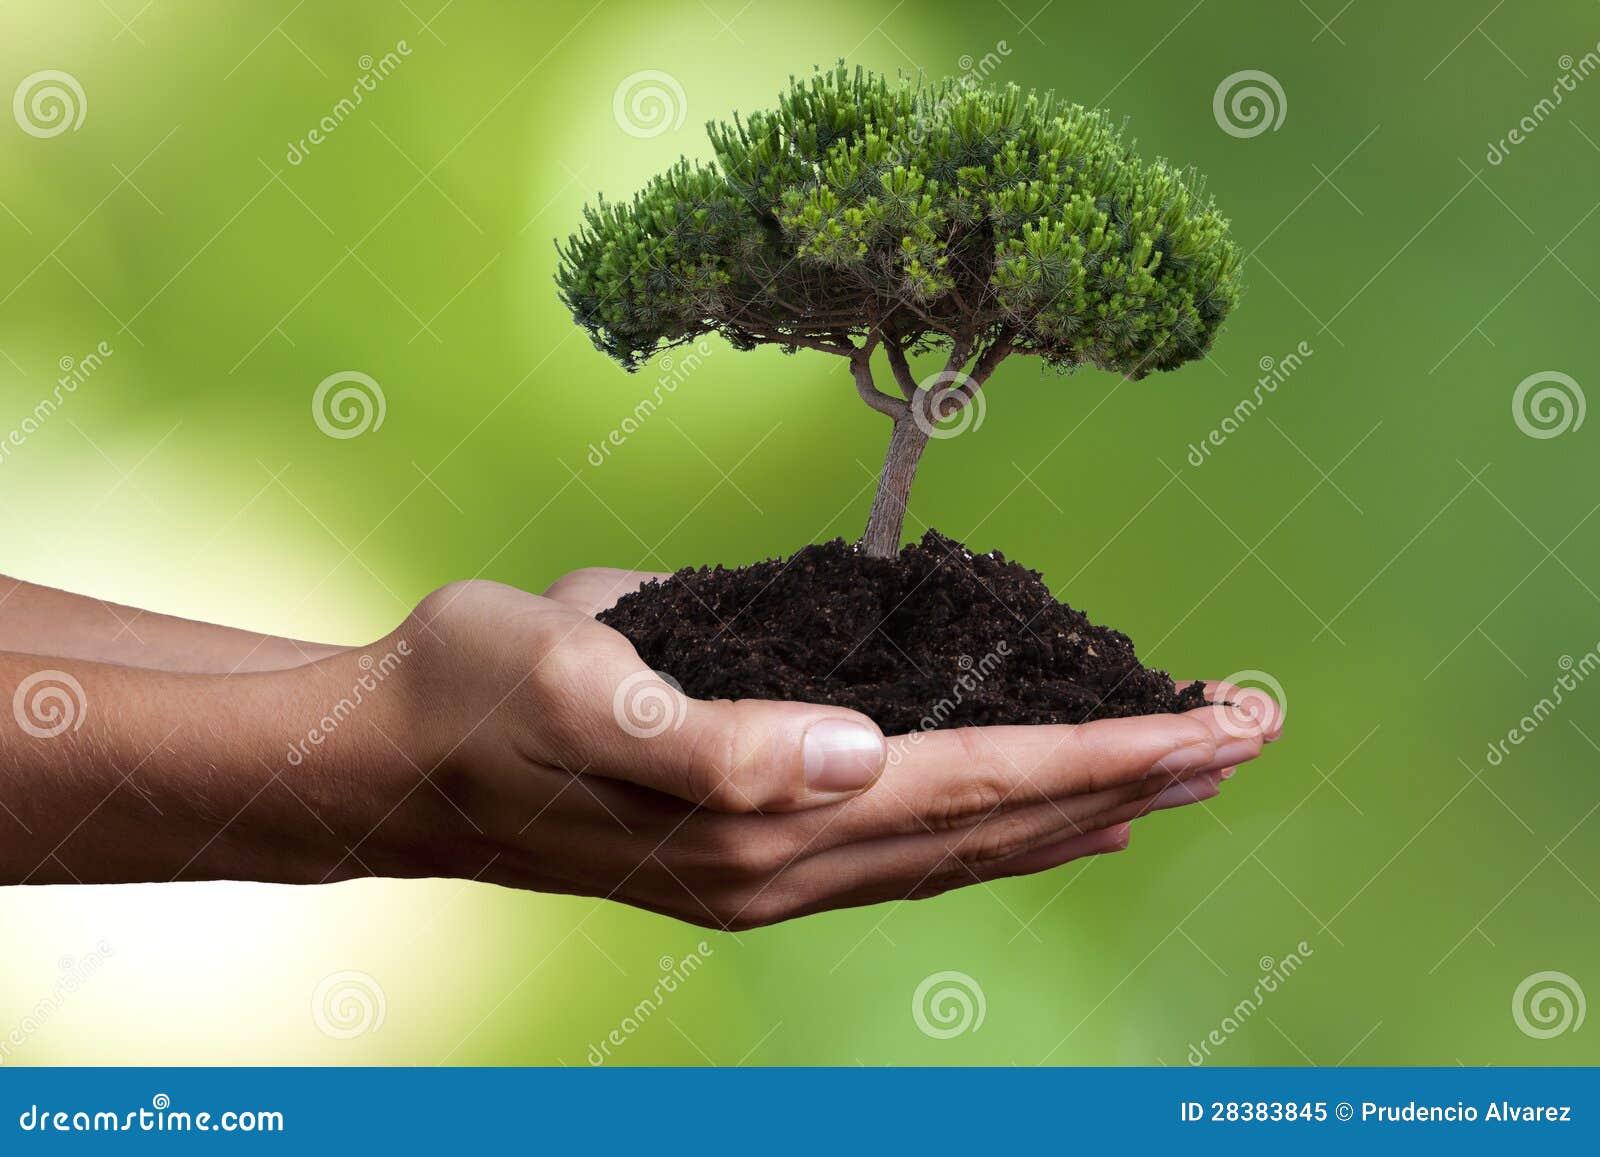 Het concept van de ecologie